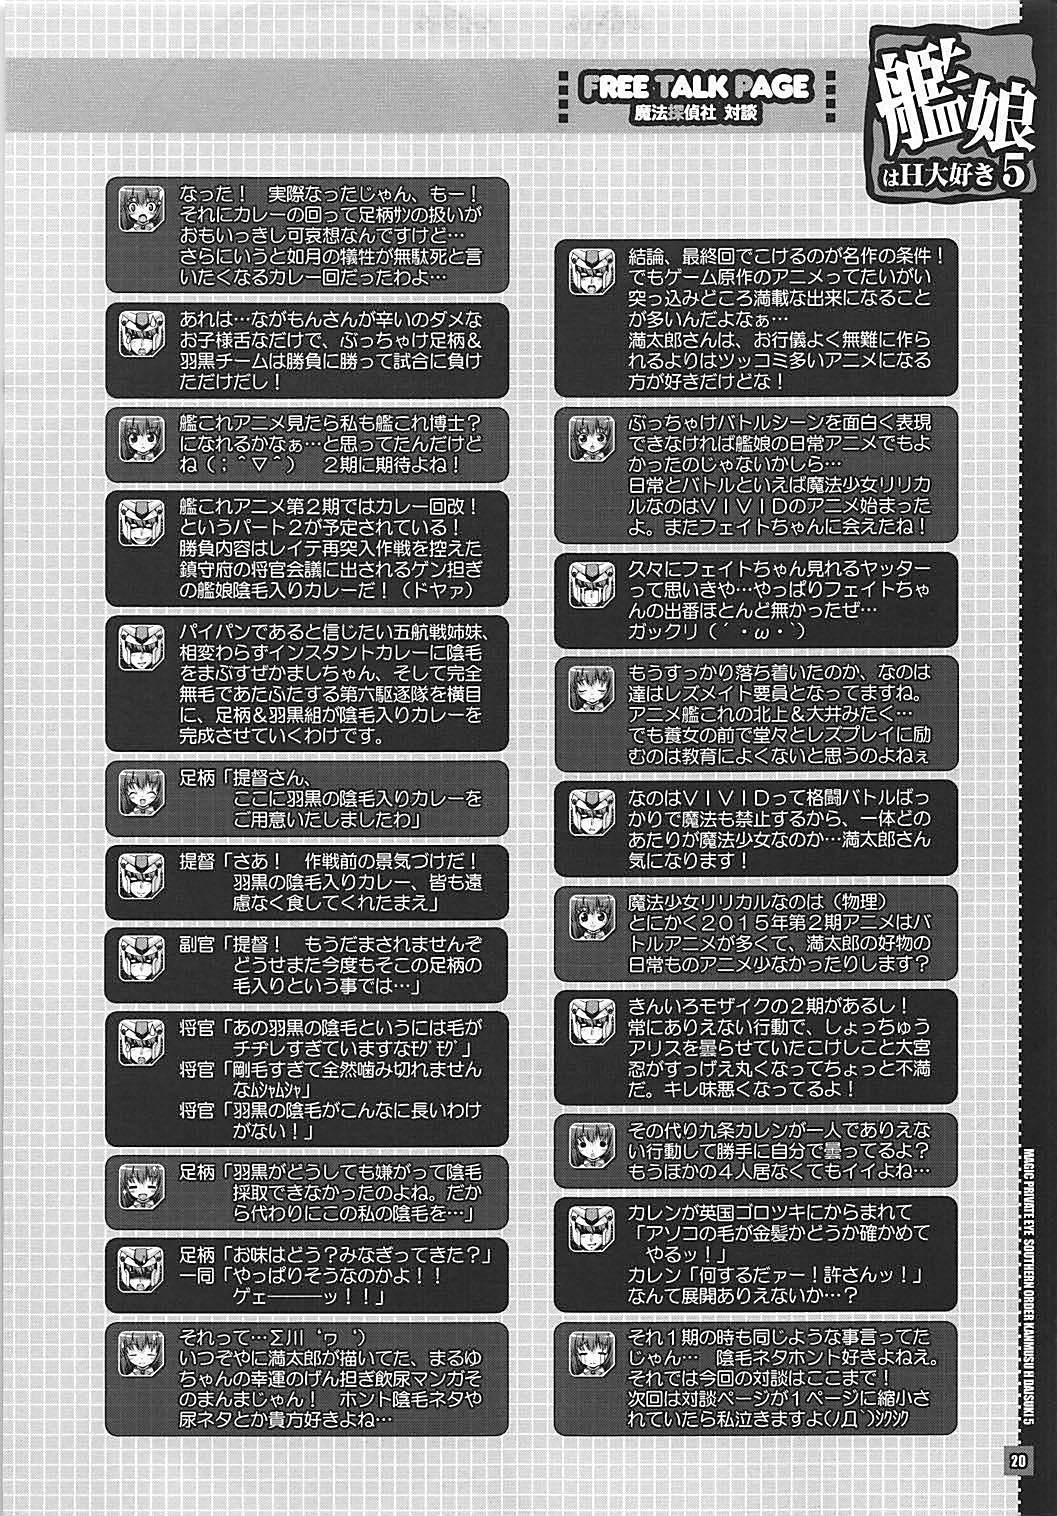 (COMIC1☆9) [Magic Private Eye (Mitsuki Mantarou)] Kanmusu wa H Daisuki 5 - Oshiete Ashigara-sensei (Kantai Collection -KanColle-) 3